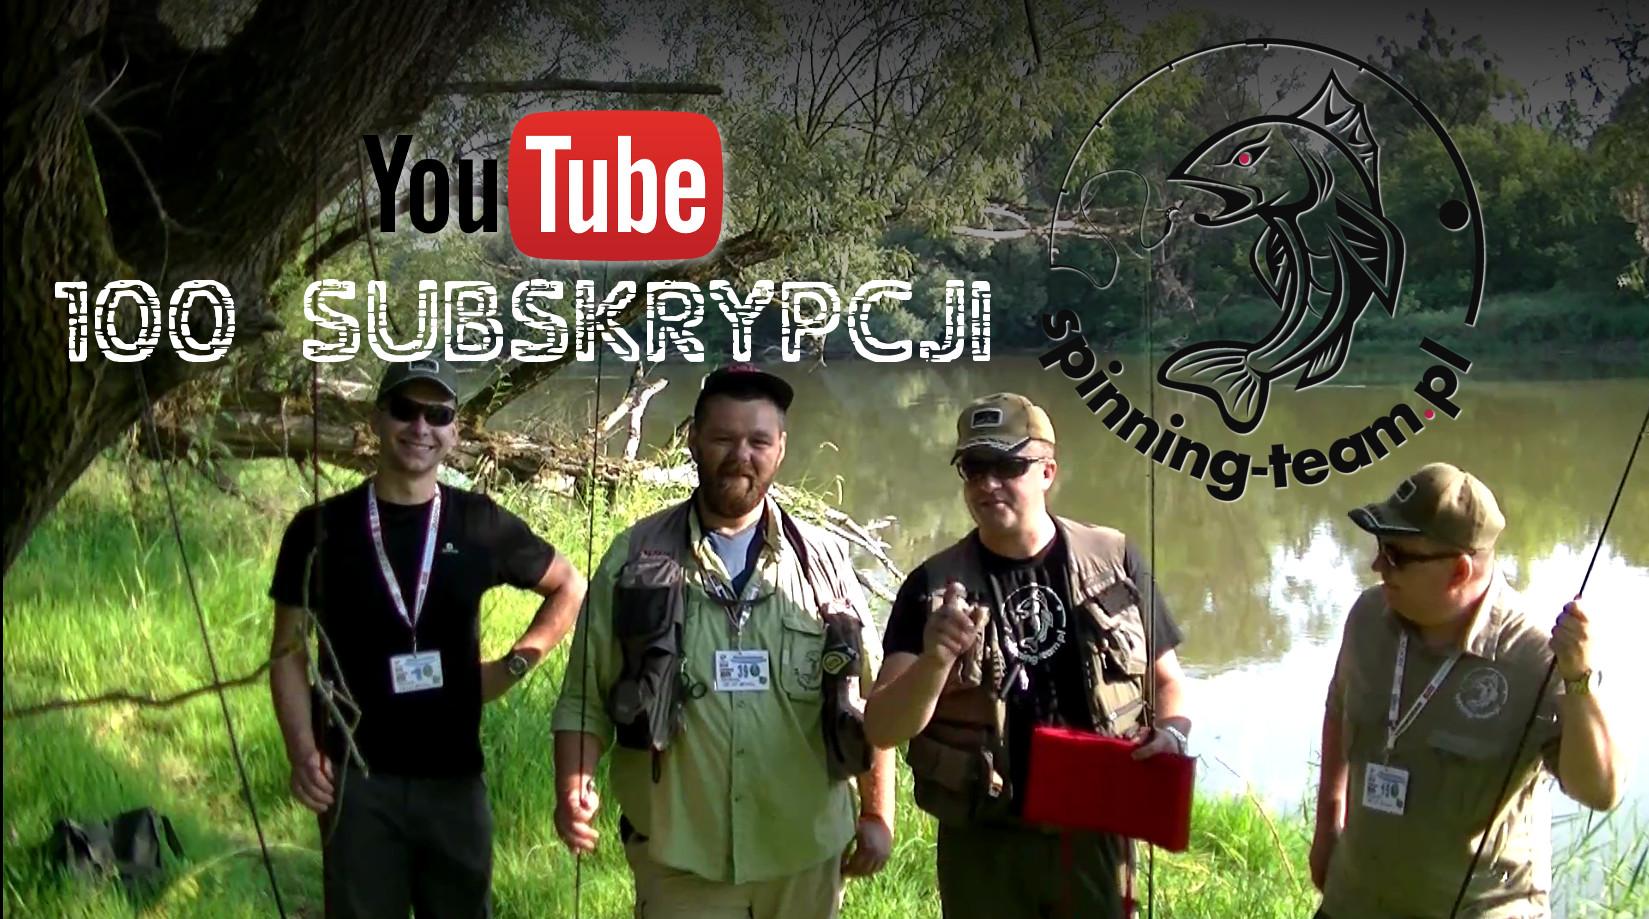 100 Subskrypcji naszego kanału na YouTube – nagroda dla szczęśliwca